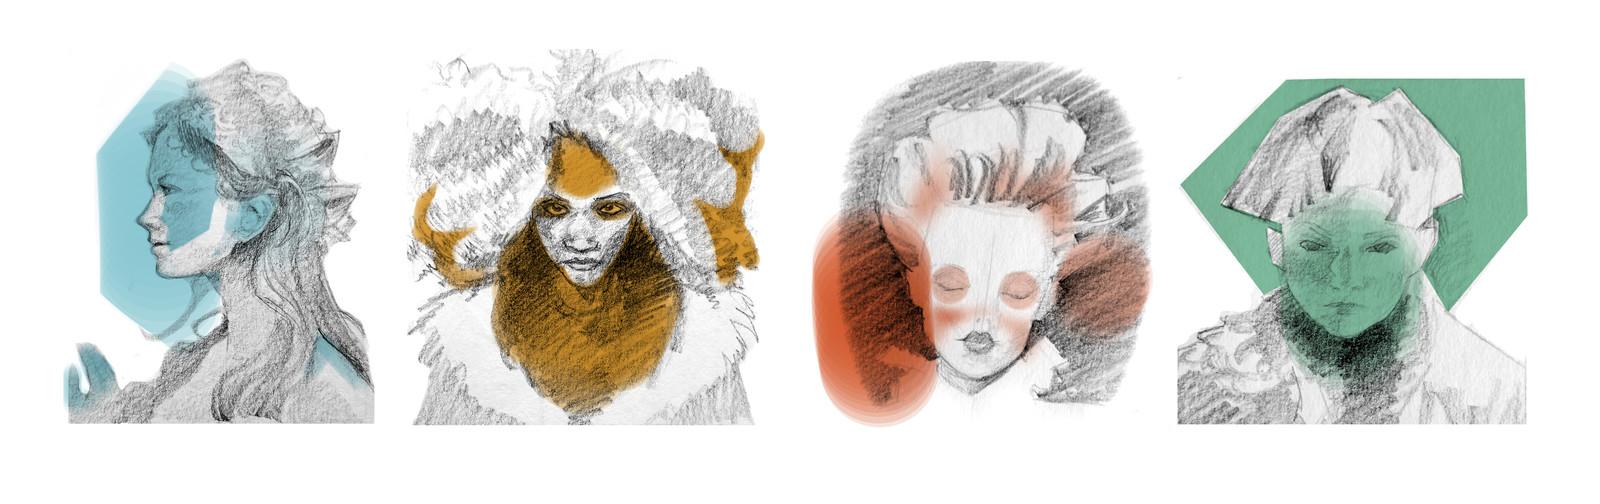 Sketchbook: Characters